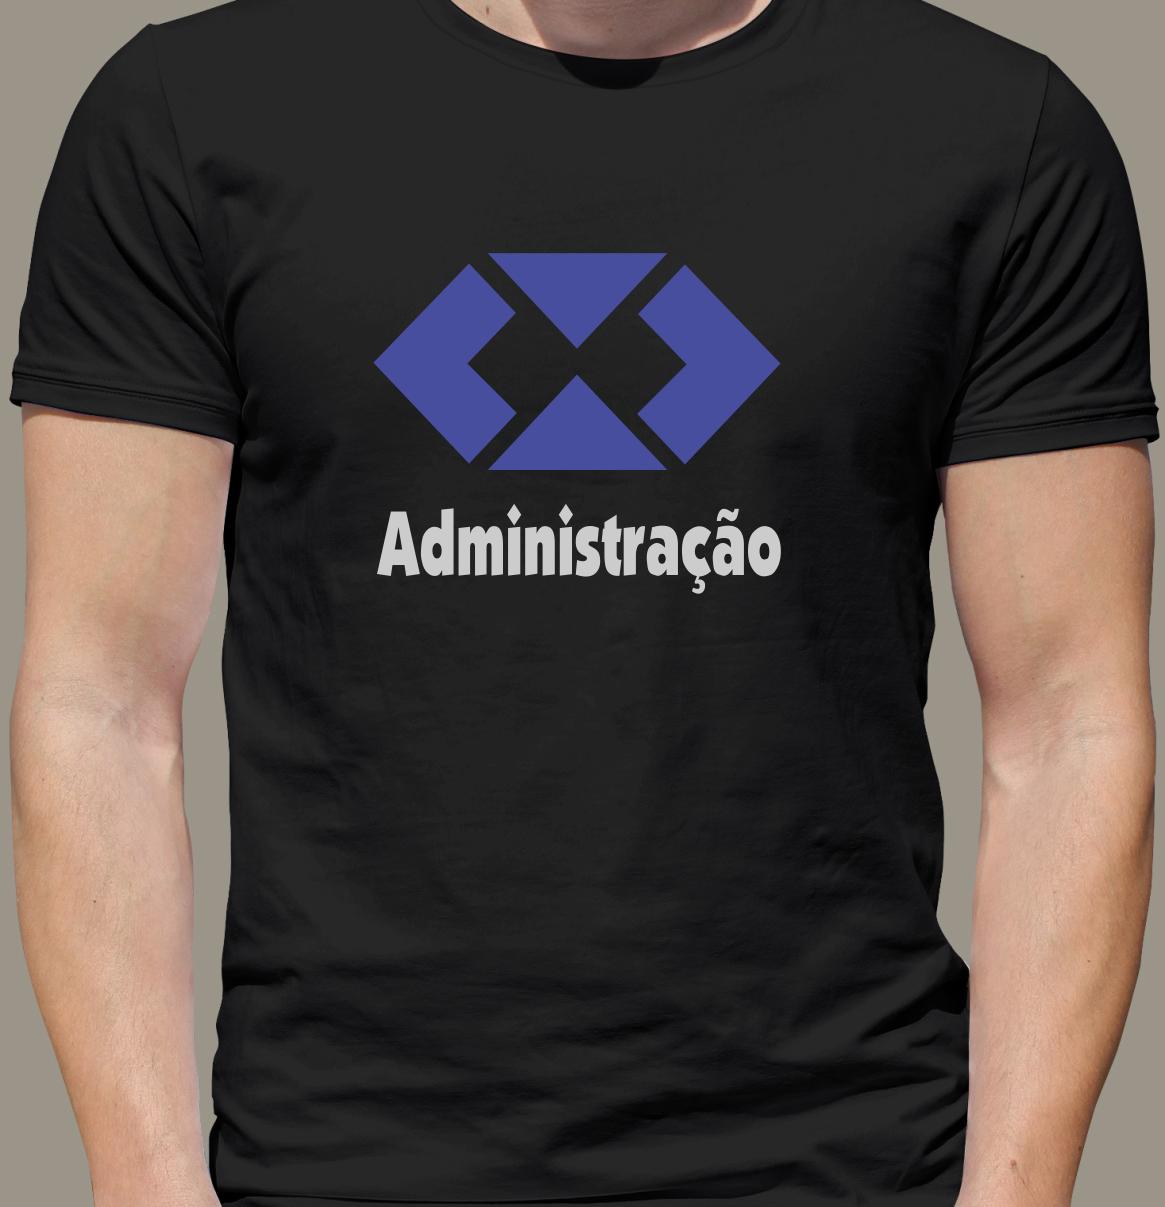 f64602cafb Camiseta Universitária - Curso Administração (100% Algodão) no Elo7 ...